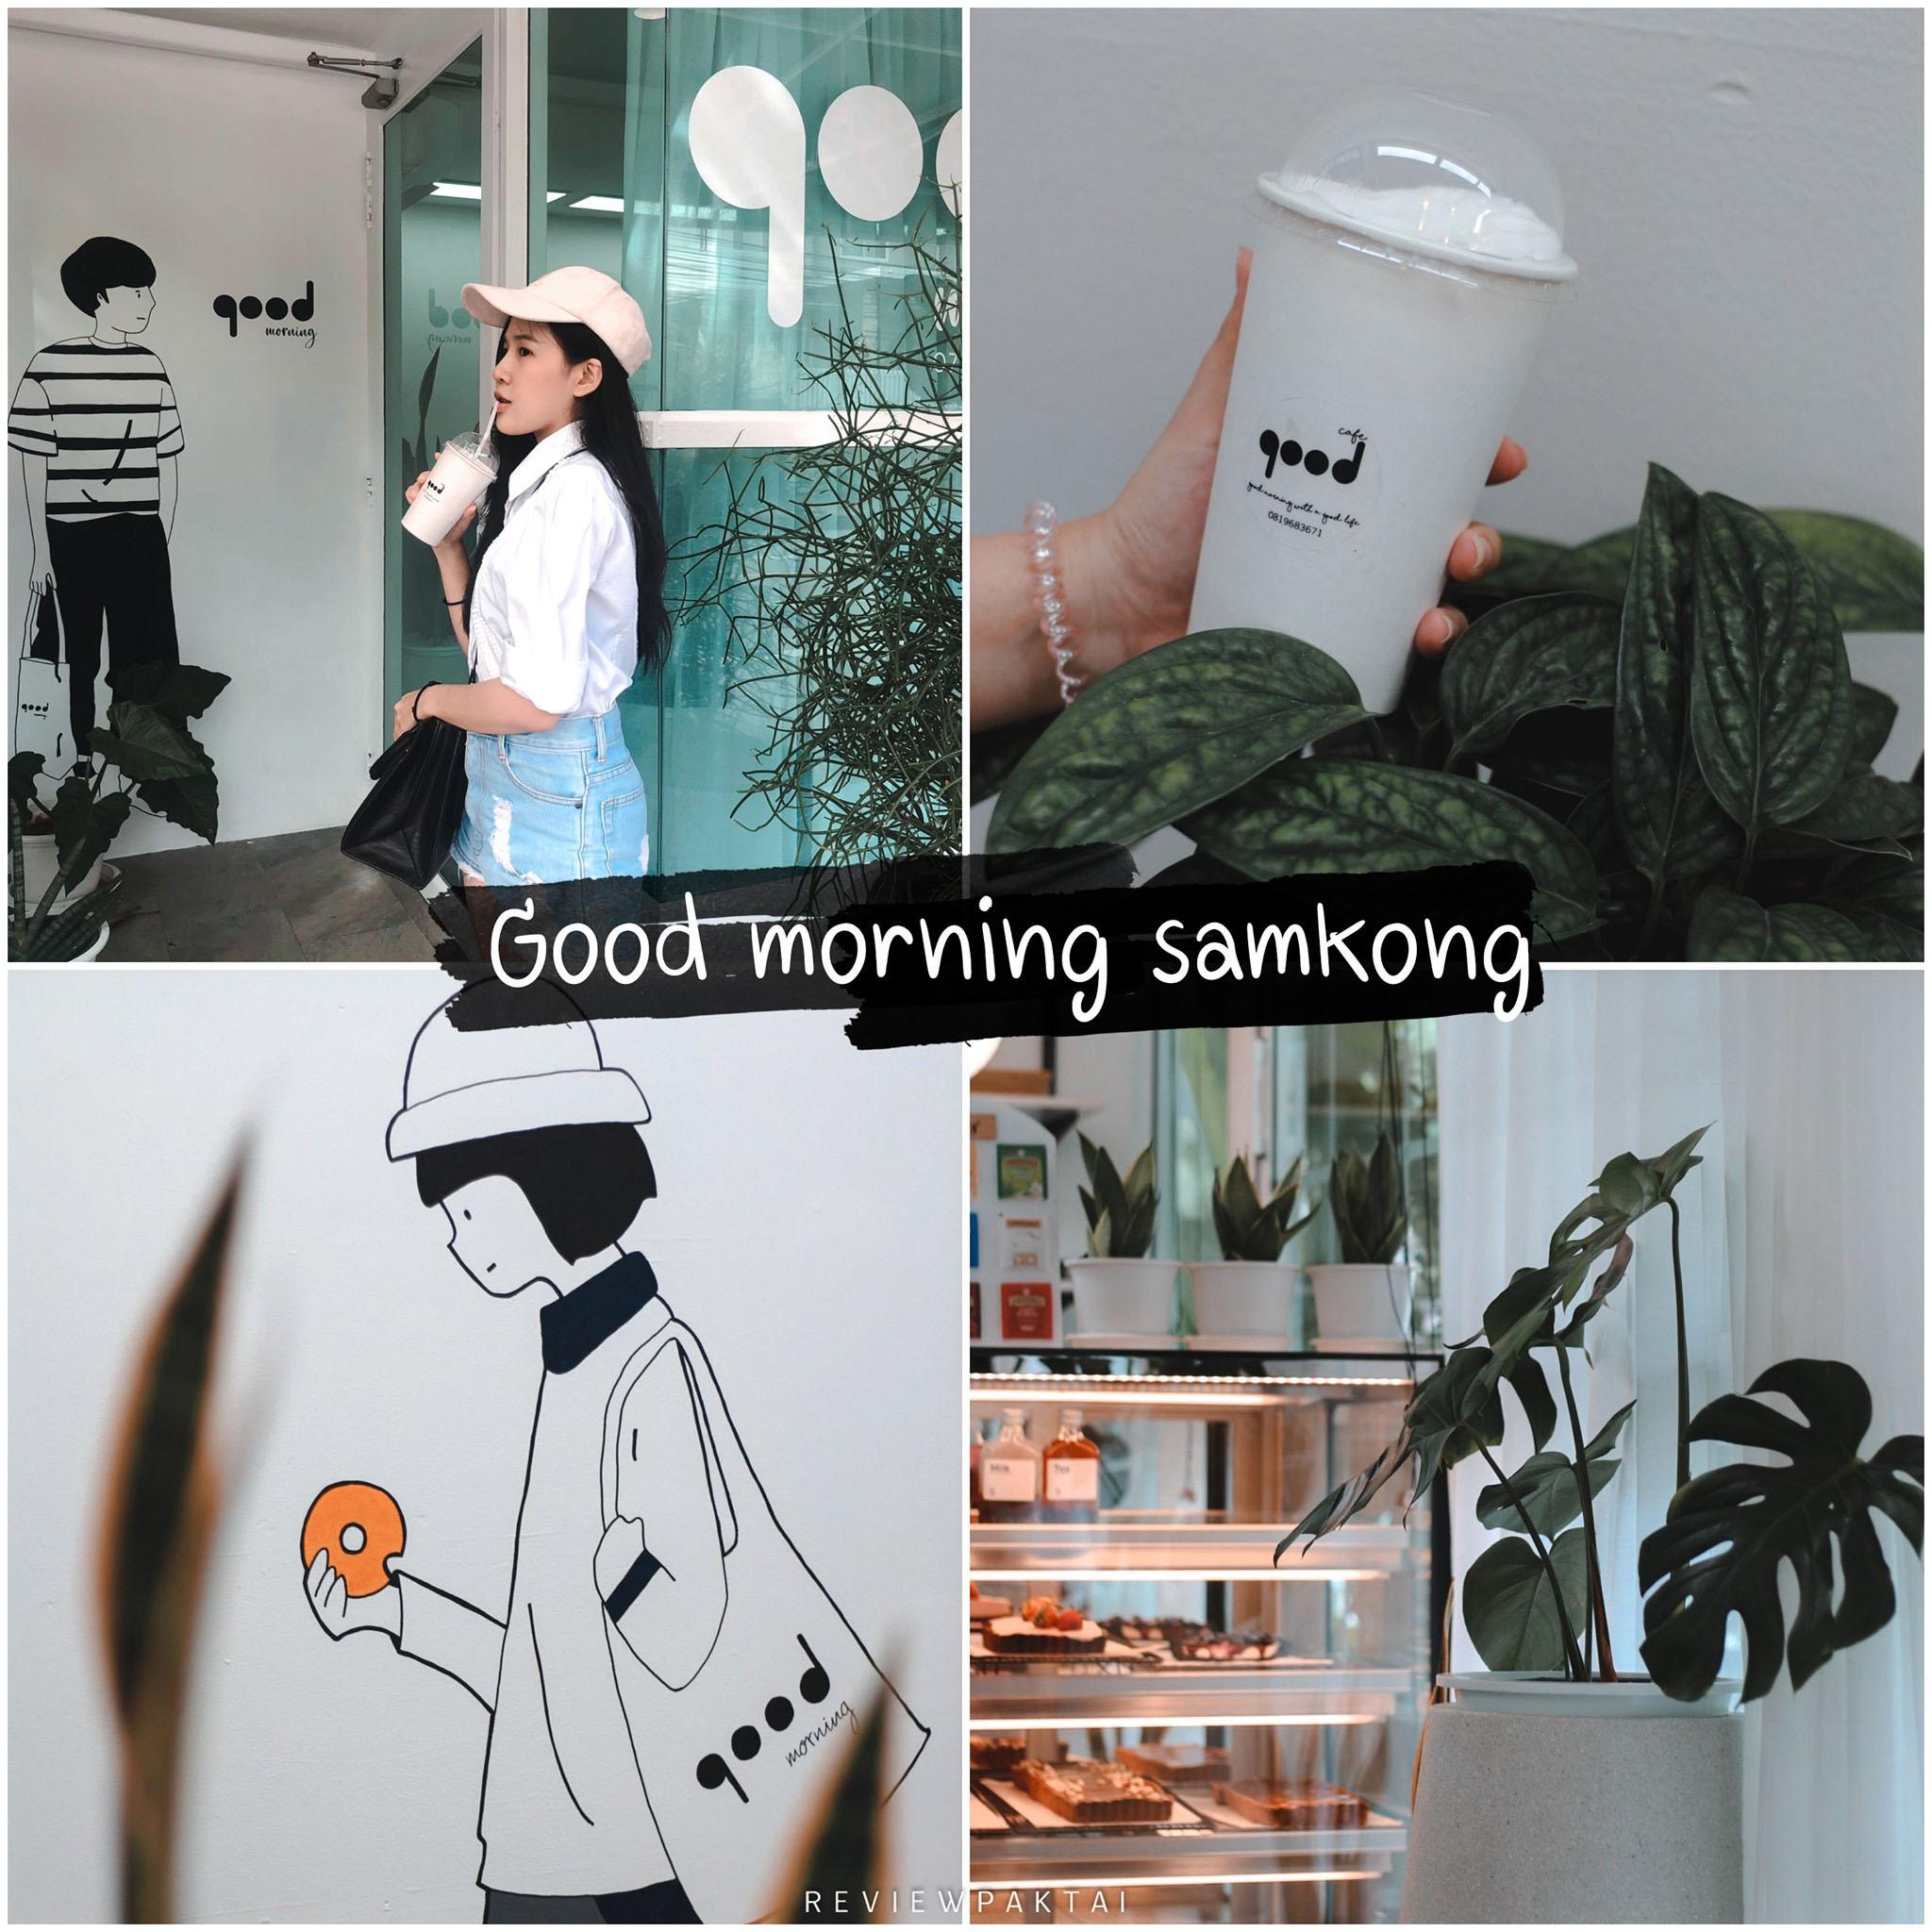 Good-Morning-by-Good-Cafe-ร้านดีๆพลาดไม่ได้แล้วกับบรรยากาศดีๆ-โทนสีขาว-ดำสไตล์มินิมอลไม่ผิดหวังแน่นอนน คลิกที่นี่ ภูเก็ต,คาเฟ่,ที่เที่ยว,ร้านกาแฟ,เด็ด,อร่อย,ต้องลอง